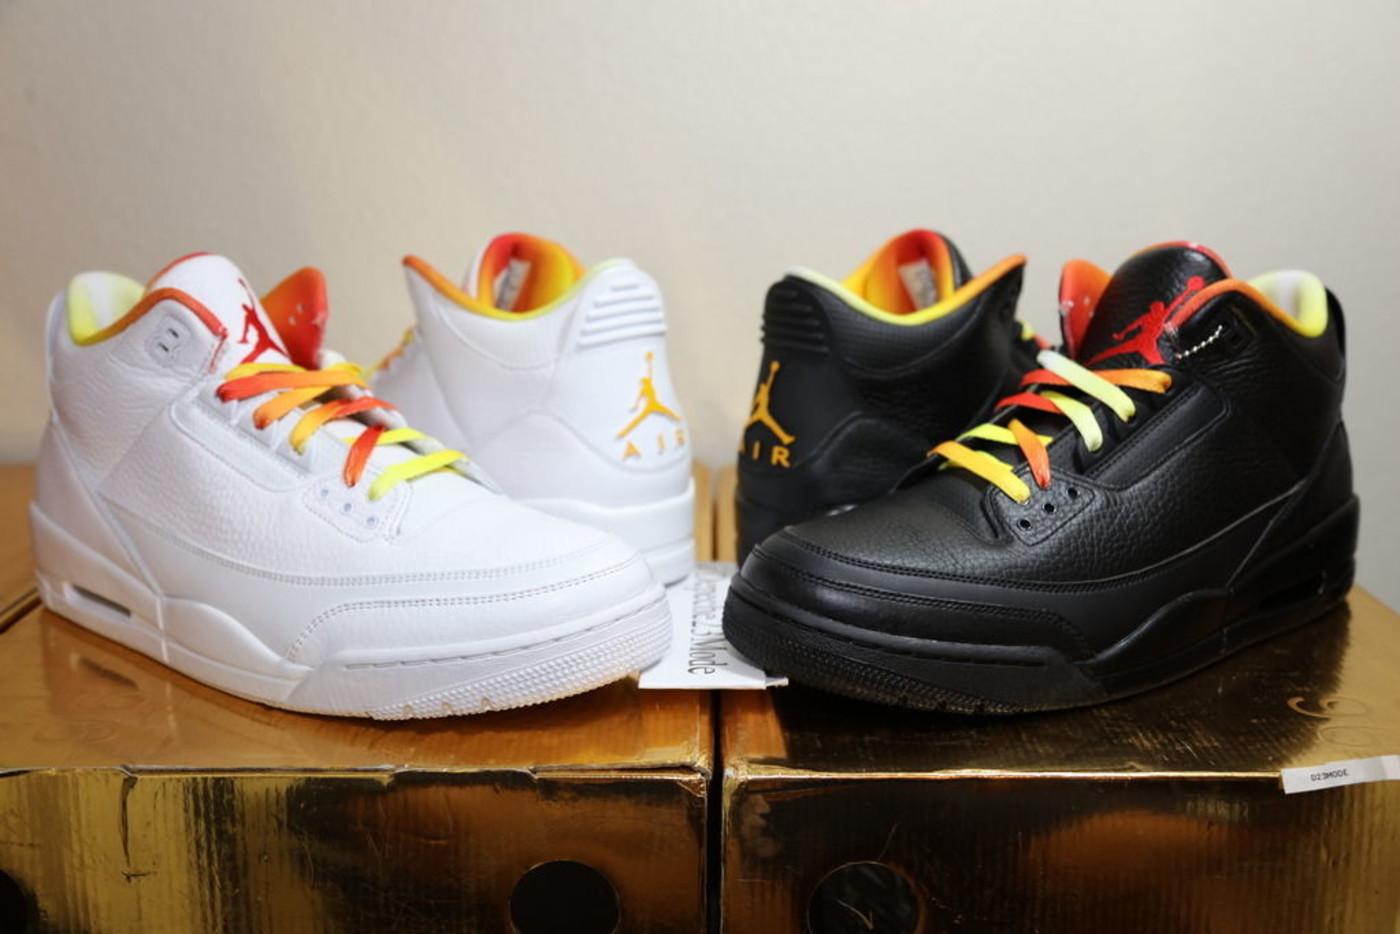 Air Jordan 3 Lil Wayne